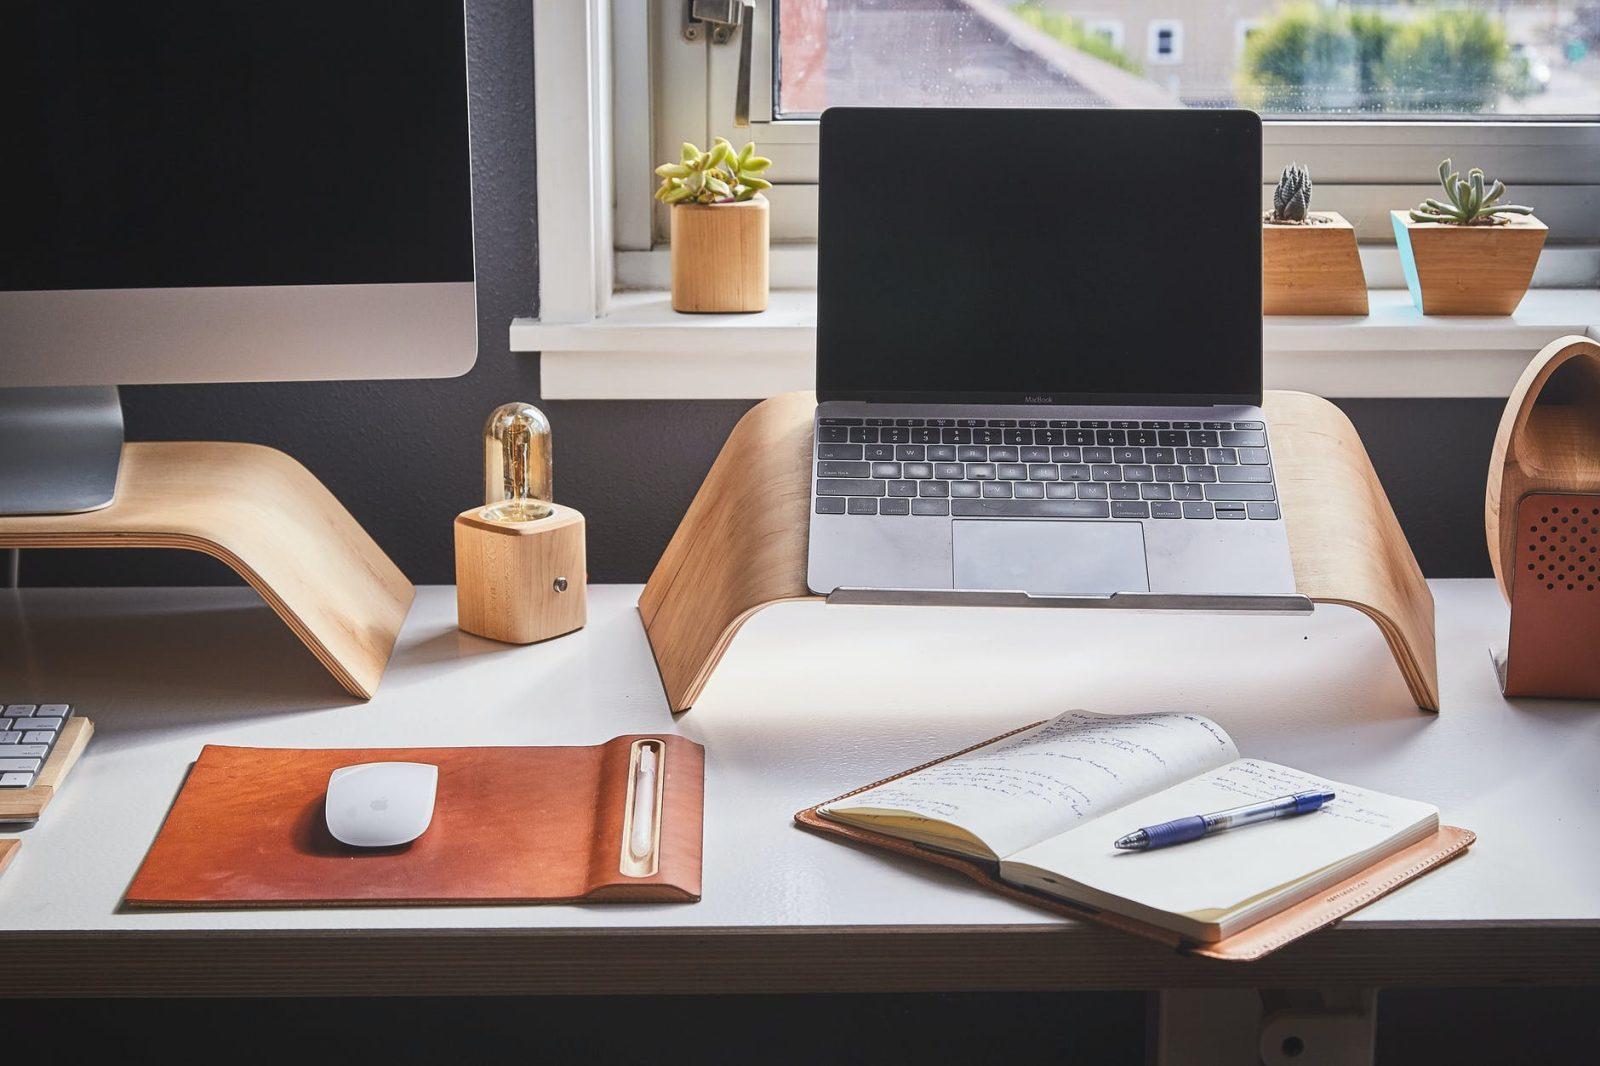 תהליך פתיחת בלוג ומכירתו – האם אפשר לעשות אקזיט על הבלוג שלכם